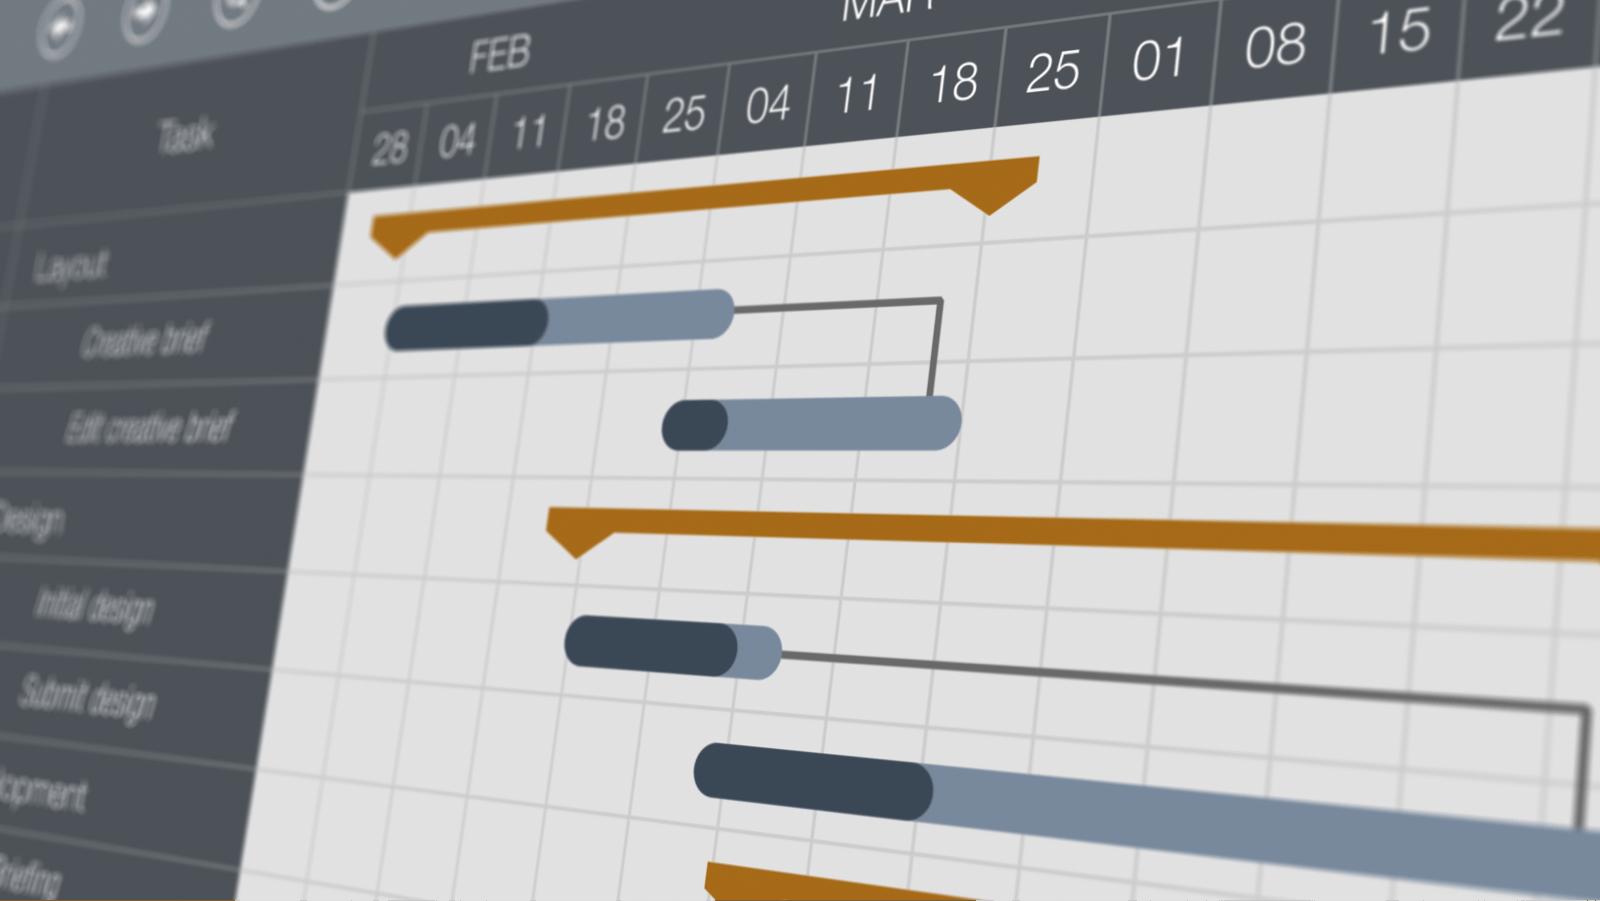 プロジェクト管理ツールのモニタ画面